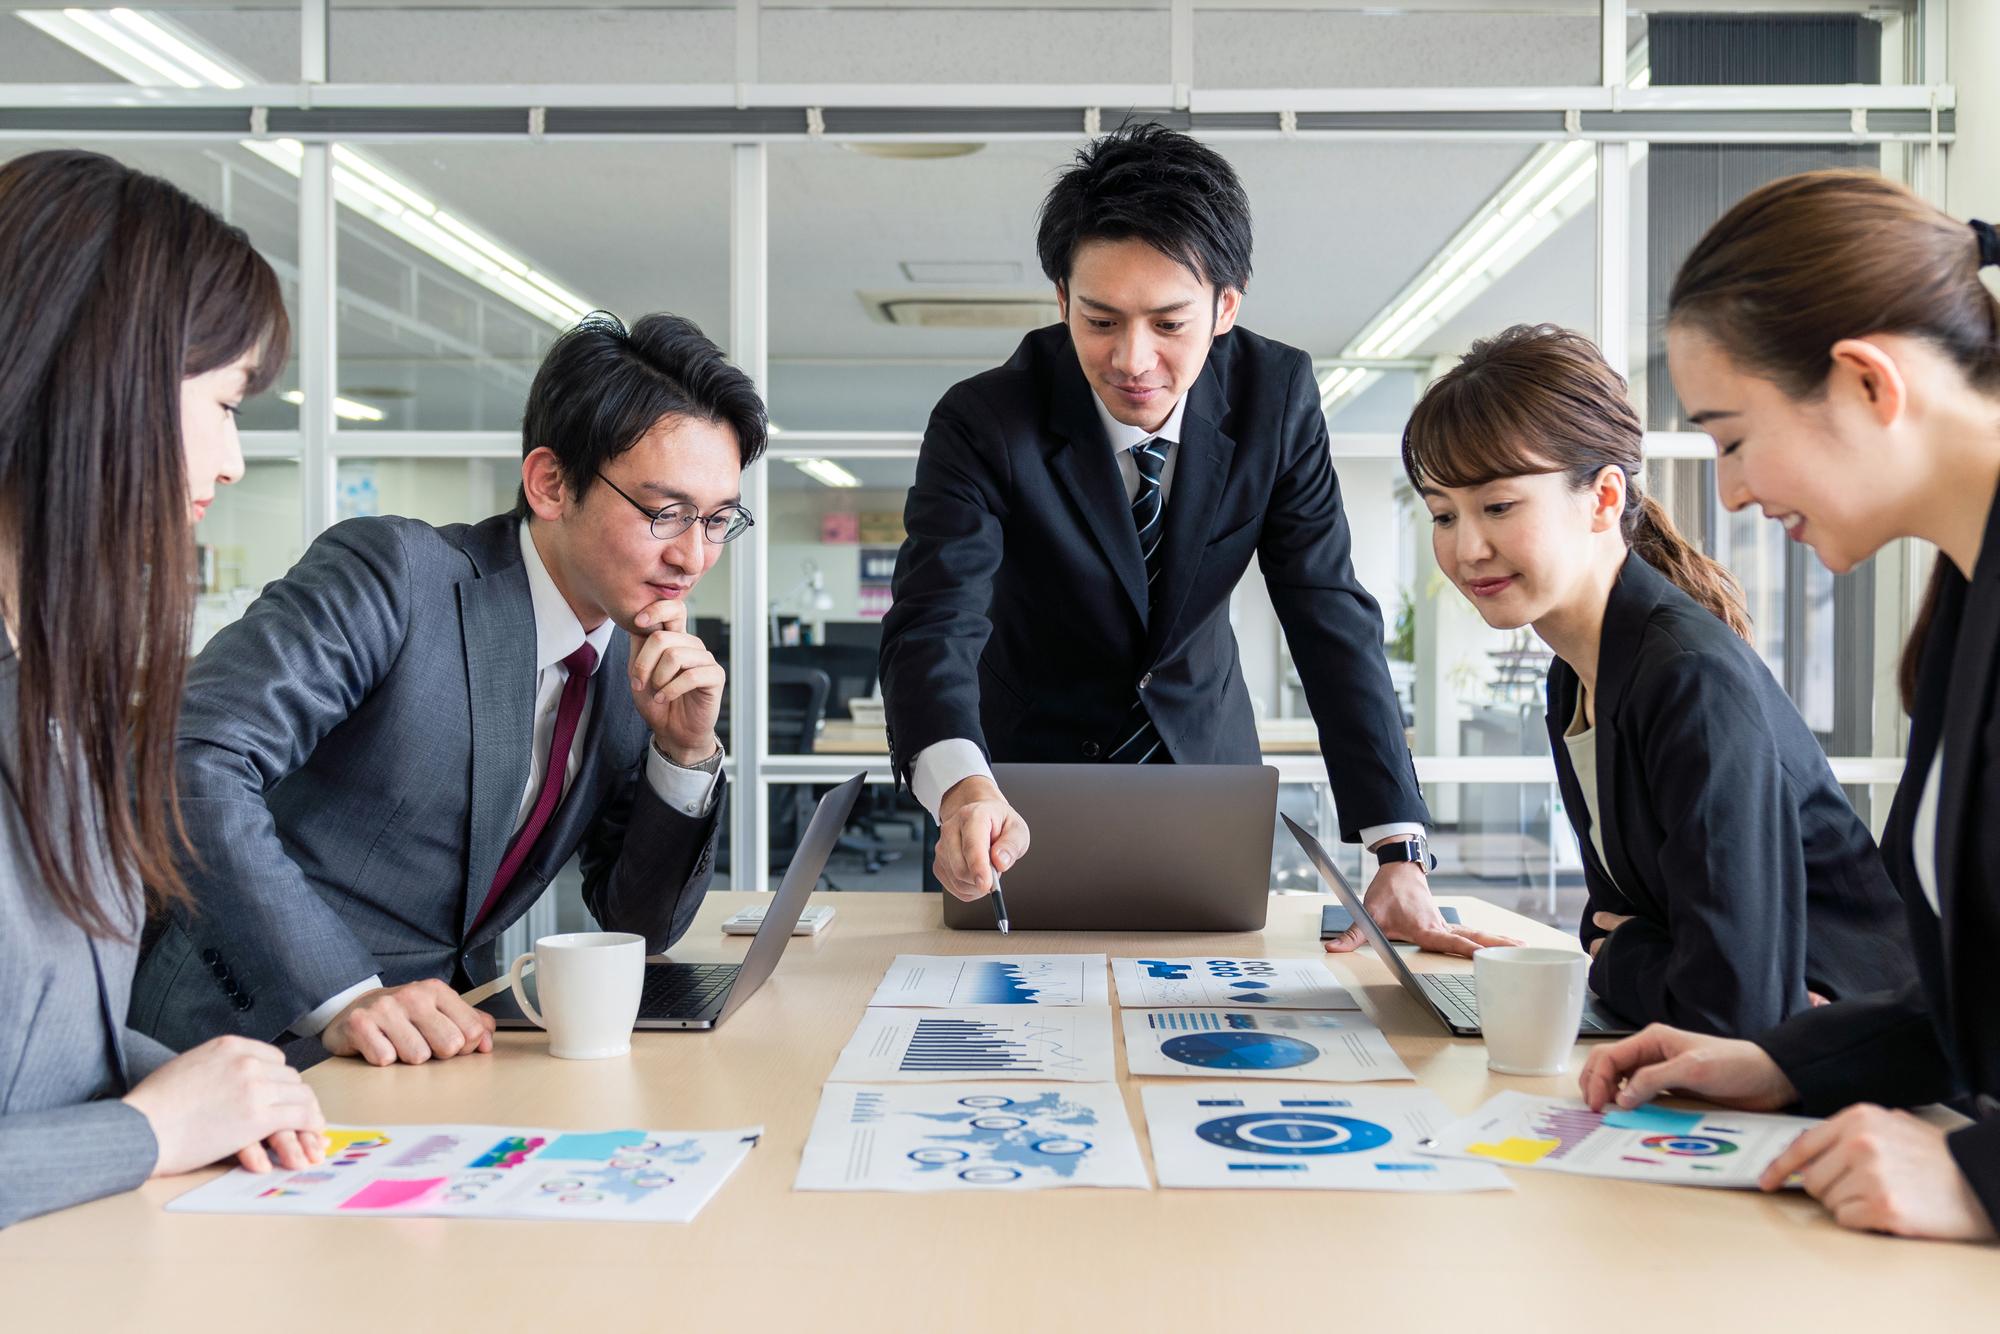 セールスマネージャーとは?役割やできるセールスマネージャーについて解説